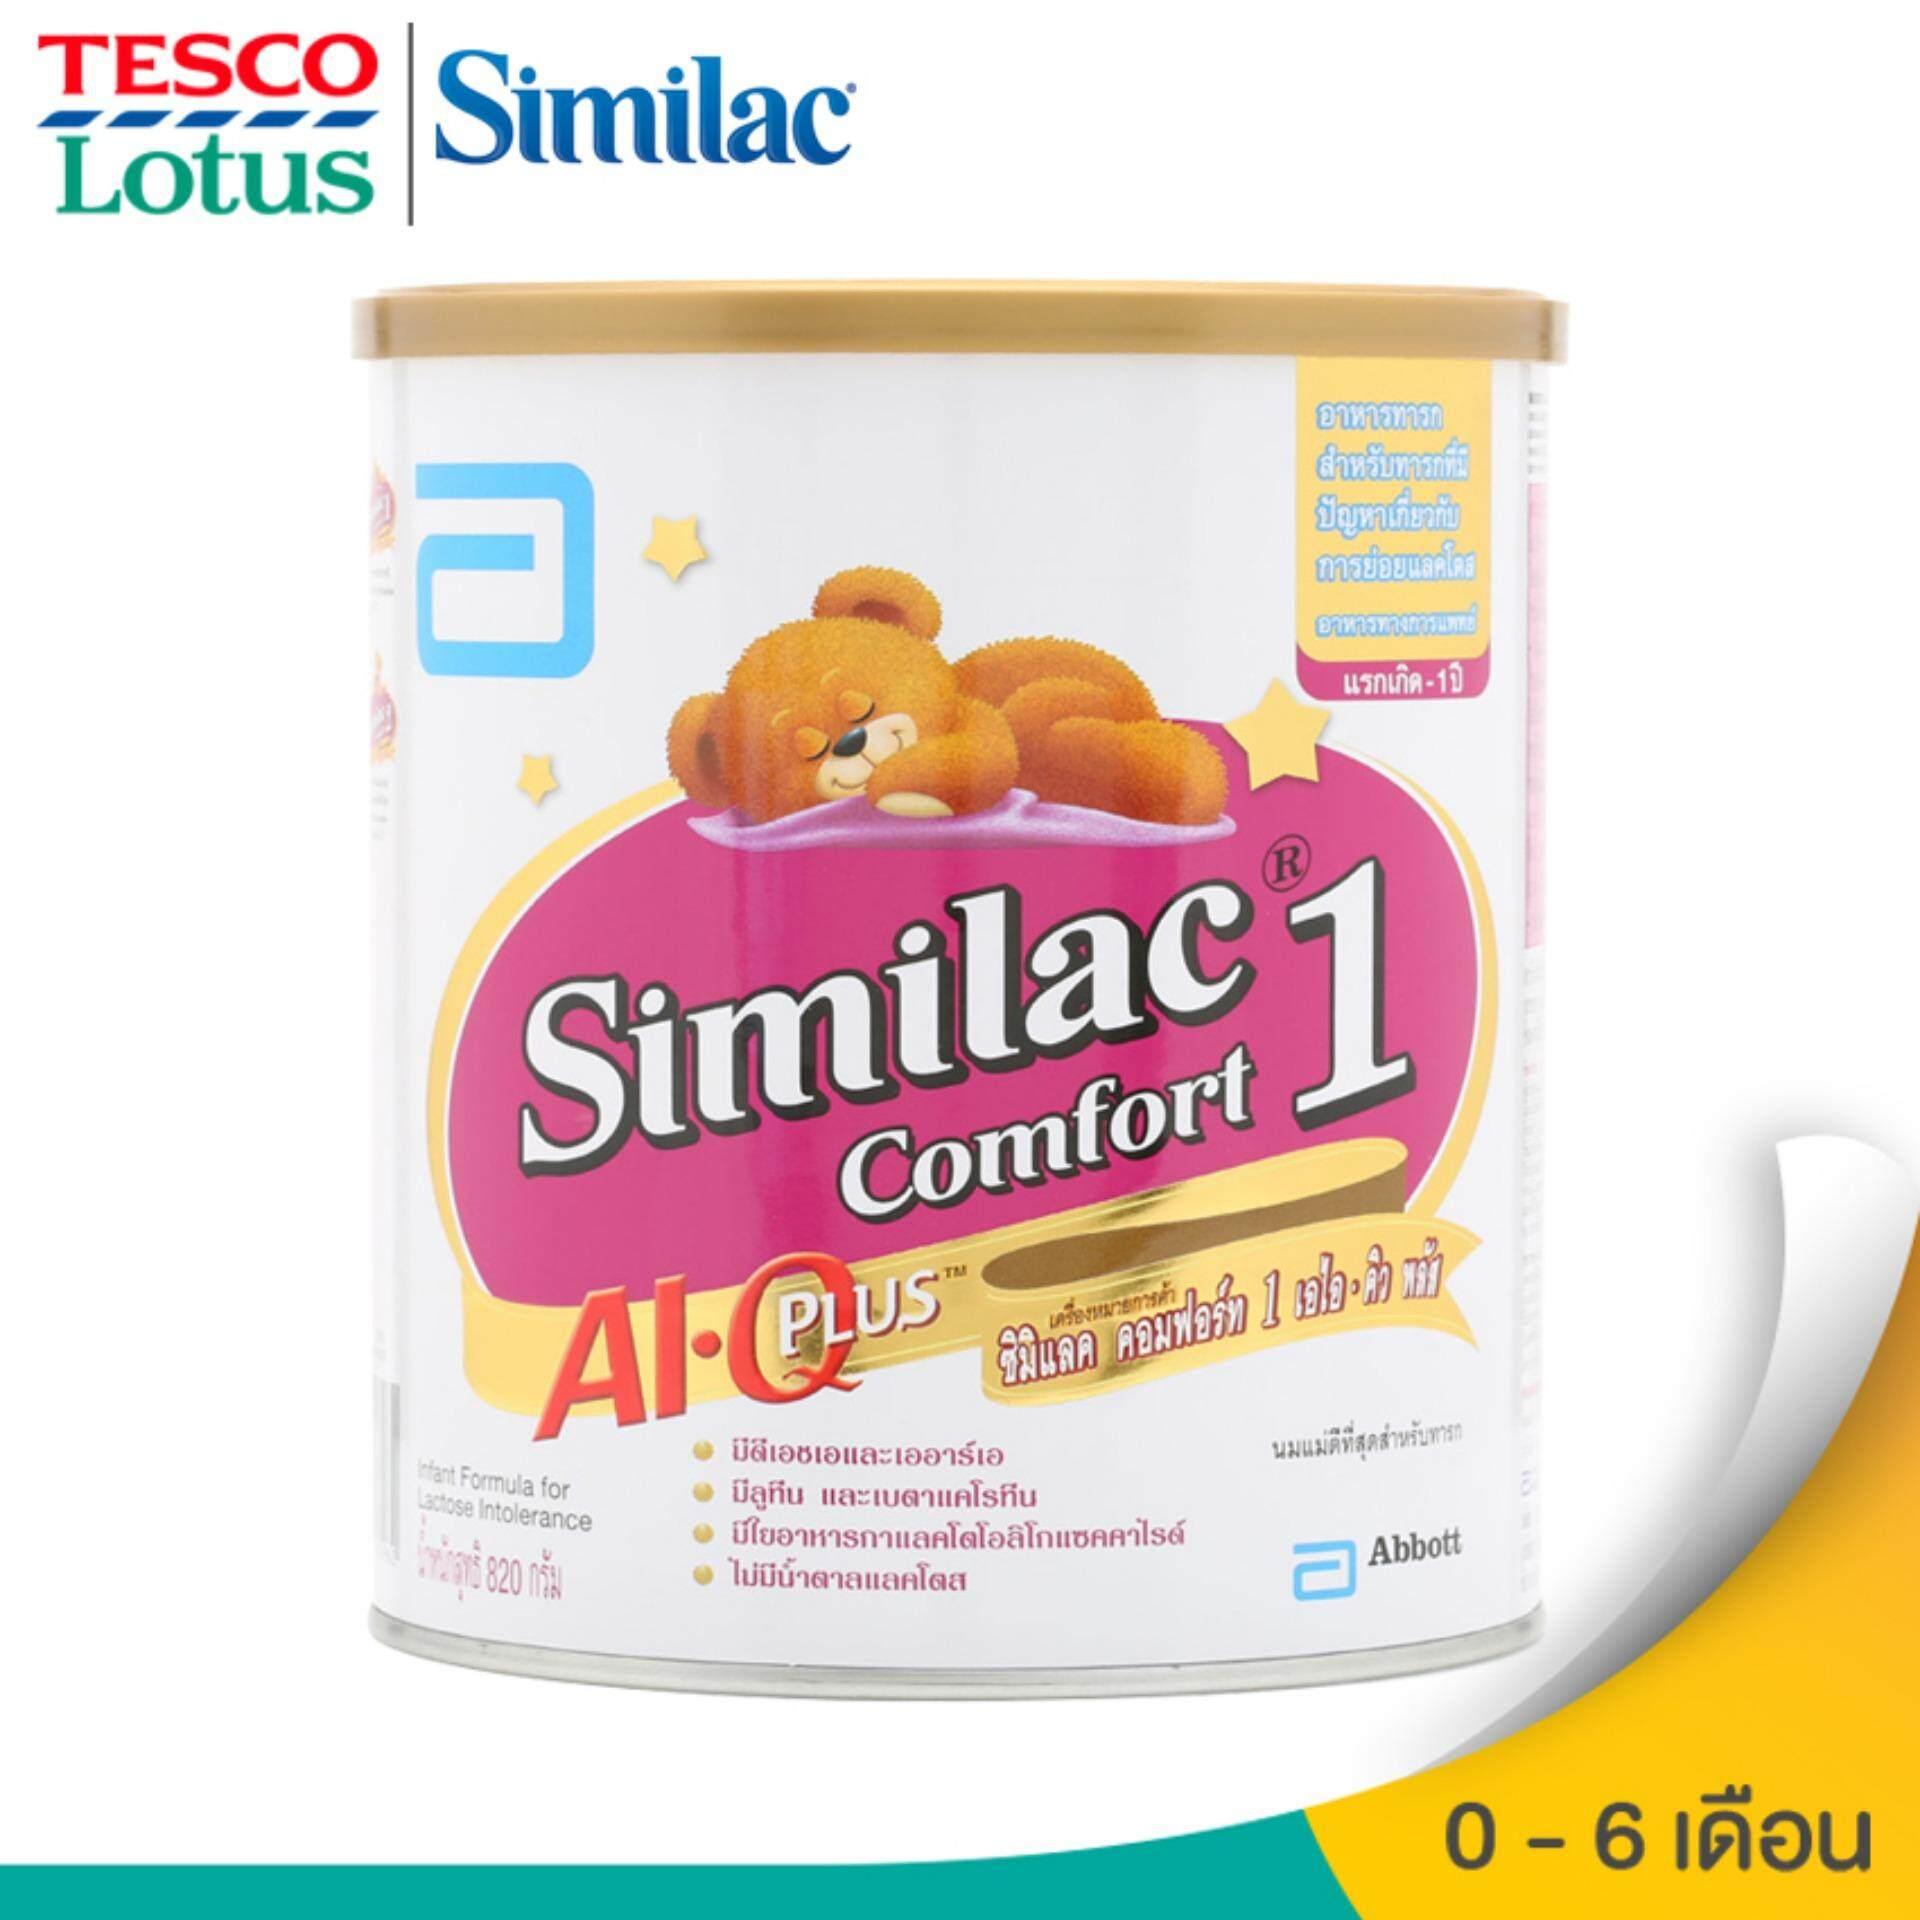 ต้องการซื้อ SIMILAC ซิมิแลค นมผงสำหรับเด็ก ช่วงวัยที่ 1 คอมฟอร์ท เอไอ คิว พลัส 820 กรัม ราคา ของแท้